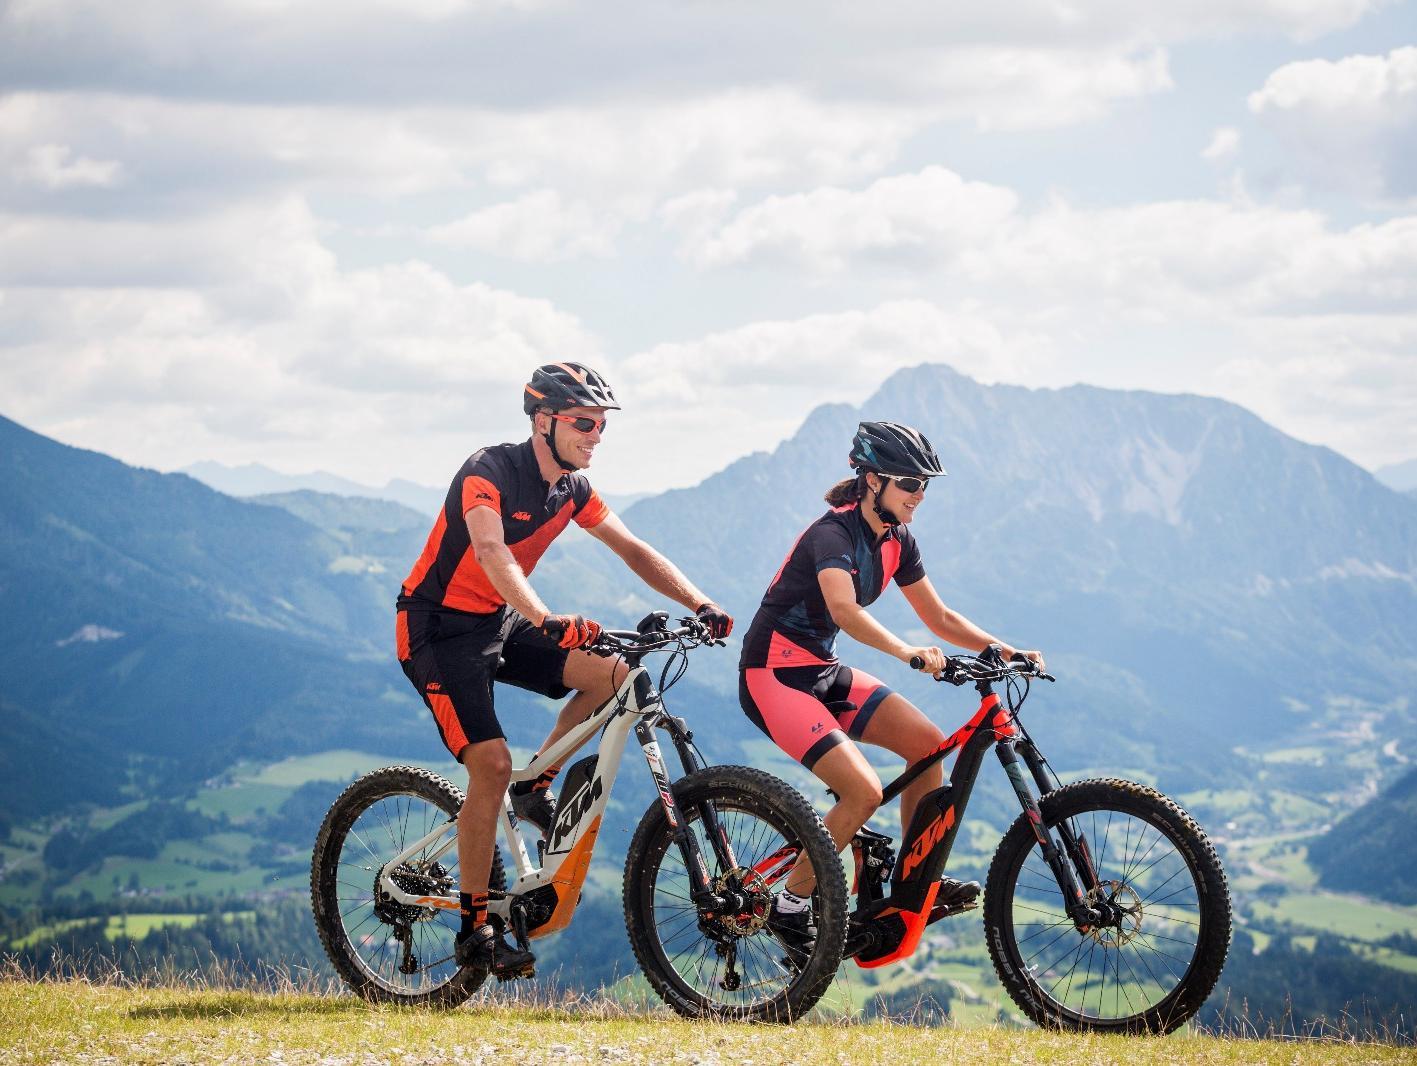 קורעים את השטח עם כוח עזר: אופני KTM חשמליים בארץ